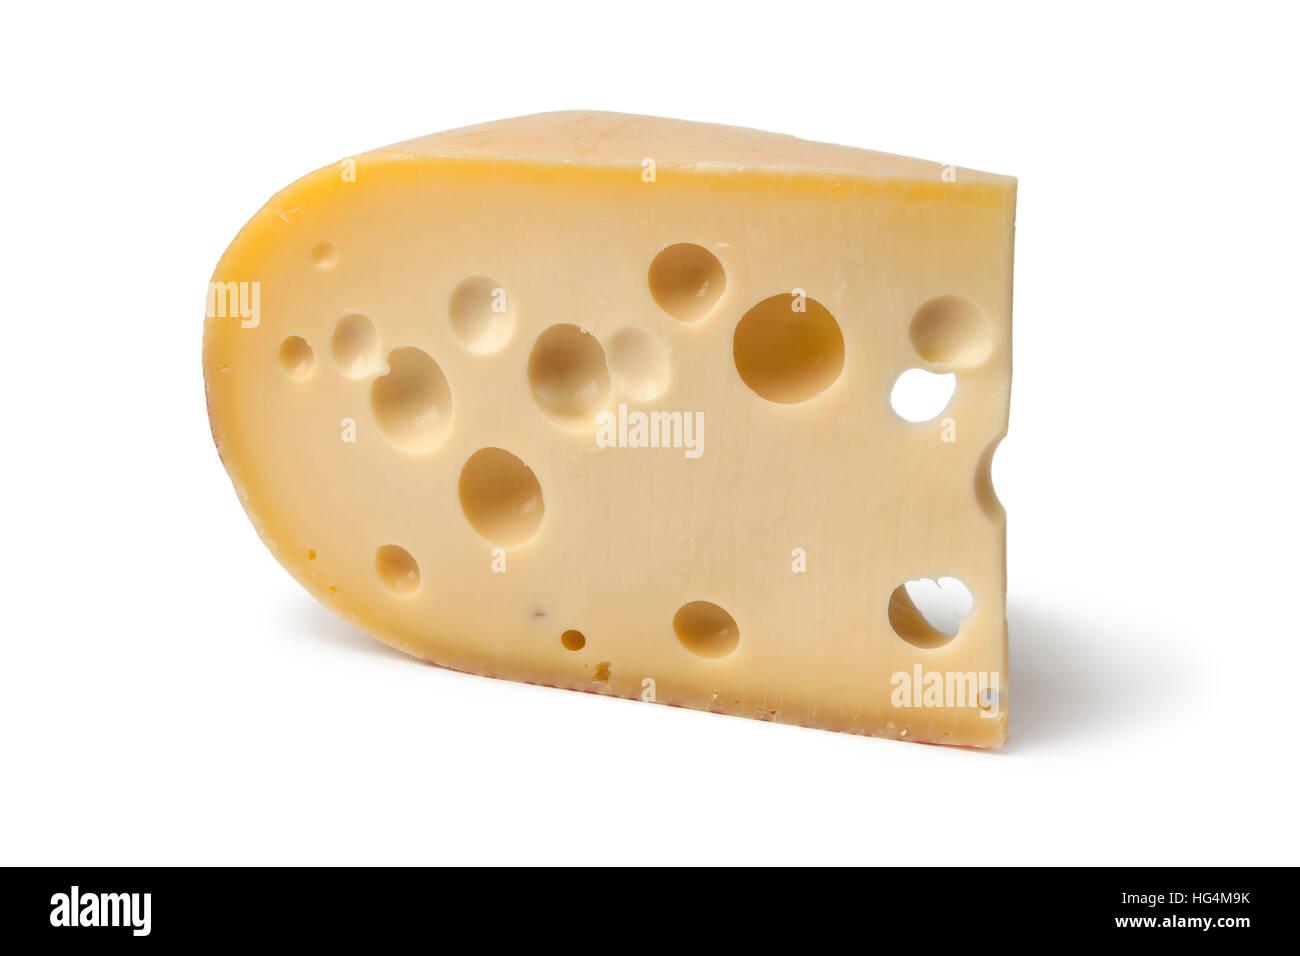 Trozo de queso emmenthaler sobre fondo blanco. Imagen De Stock